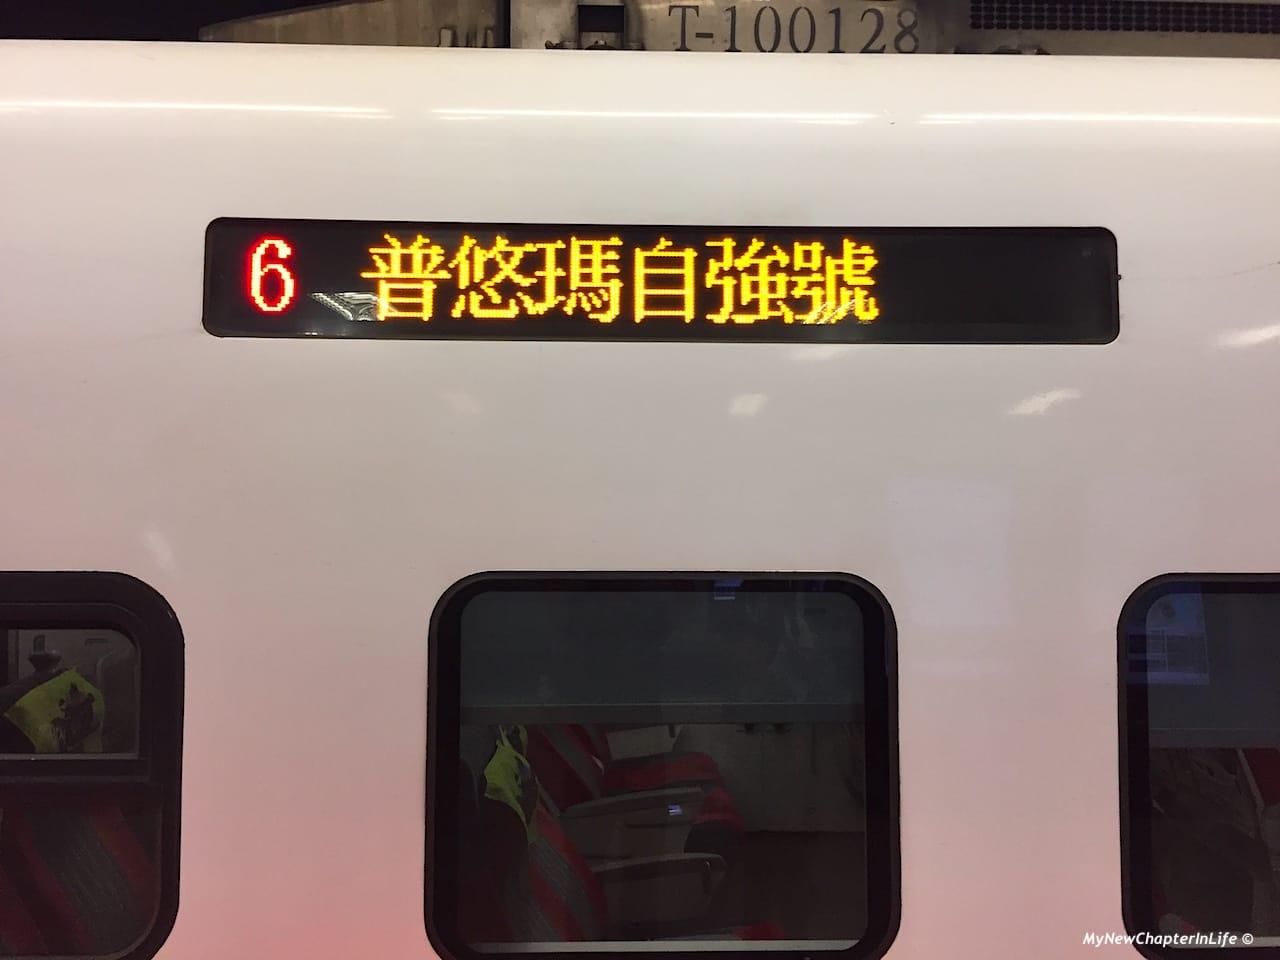 普悠瑪自強號 Taiwan Railway Puyuma Tze-chiang Limited Express